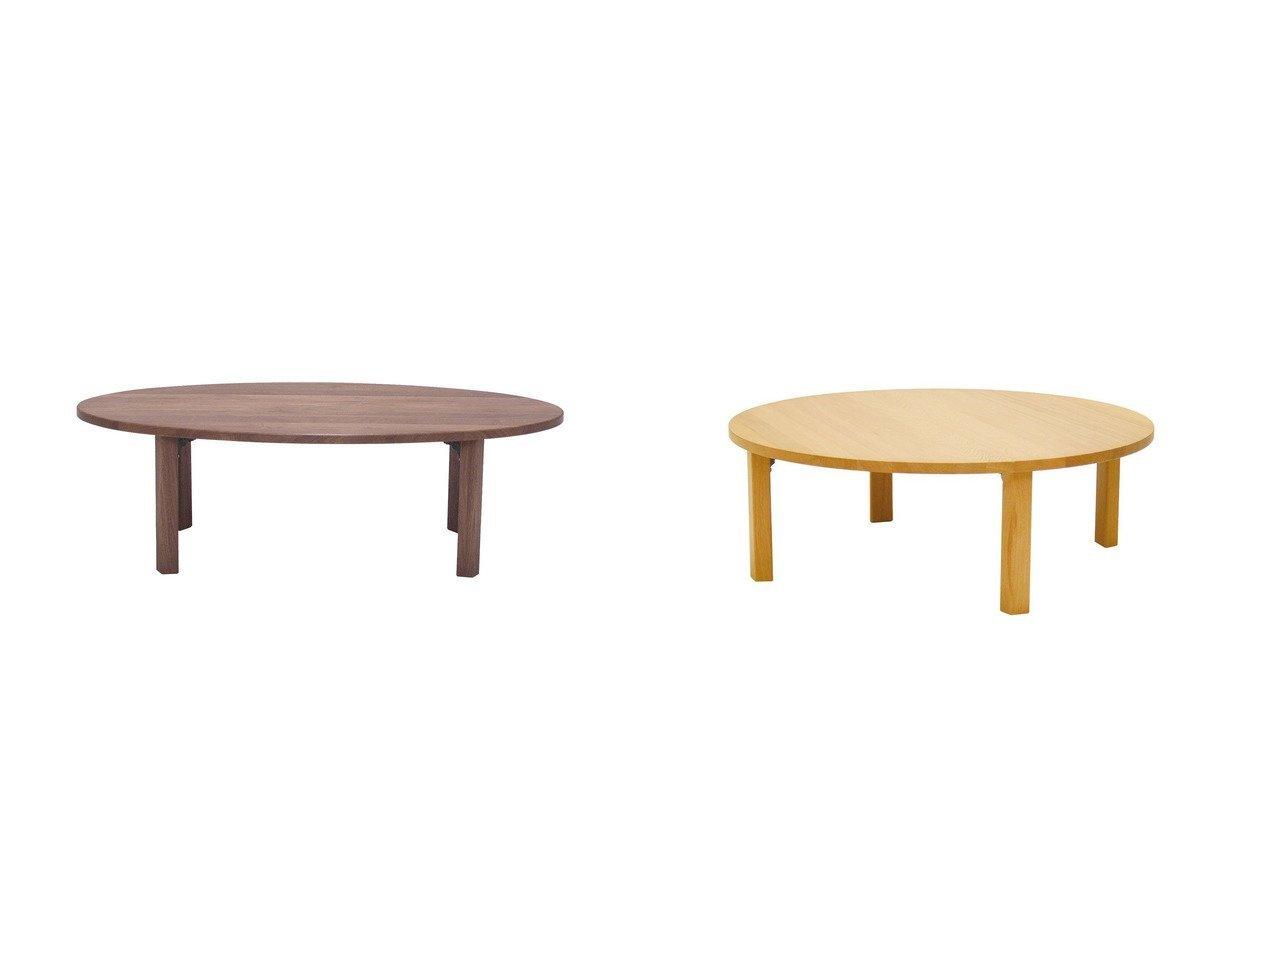 【NAGANO INTERIOR/ナガノインテリア】のラーゴ テーブル LT308-9S&ラーゴ テーブル LT324- 8S  【FURNITURE】Made in Japan 日本製 おすすめ!人気、インテリア・家具の通販  おすすめで人気の流行・トレンド、ファッションの通販商品 メンズファッション・キッズファッション・インテリア・家具・レディースファッション・服の通販 founy(ファニー) https://founy.com/ コンパクト テーブル ホーム・キャンプ・アウトドア Home,Garden,Outdoor,Camping Gear 家具・インテリア Furniture テーブル Table ローテーブル・センターテーブル |ID:crp329100000039425